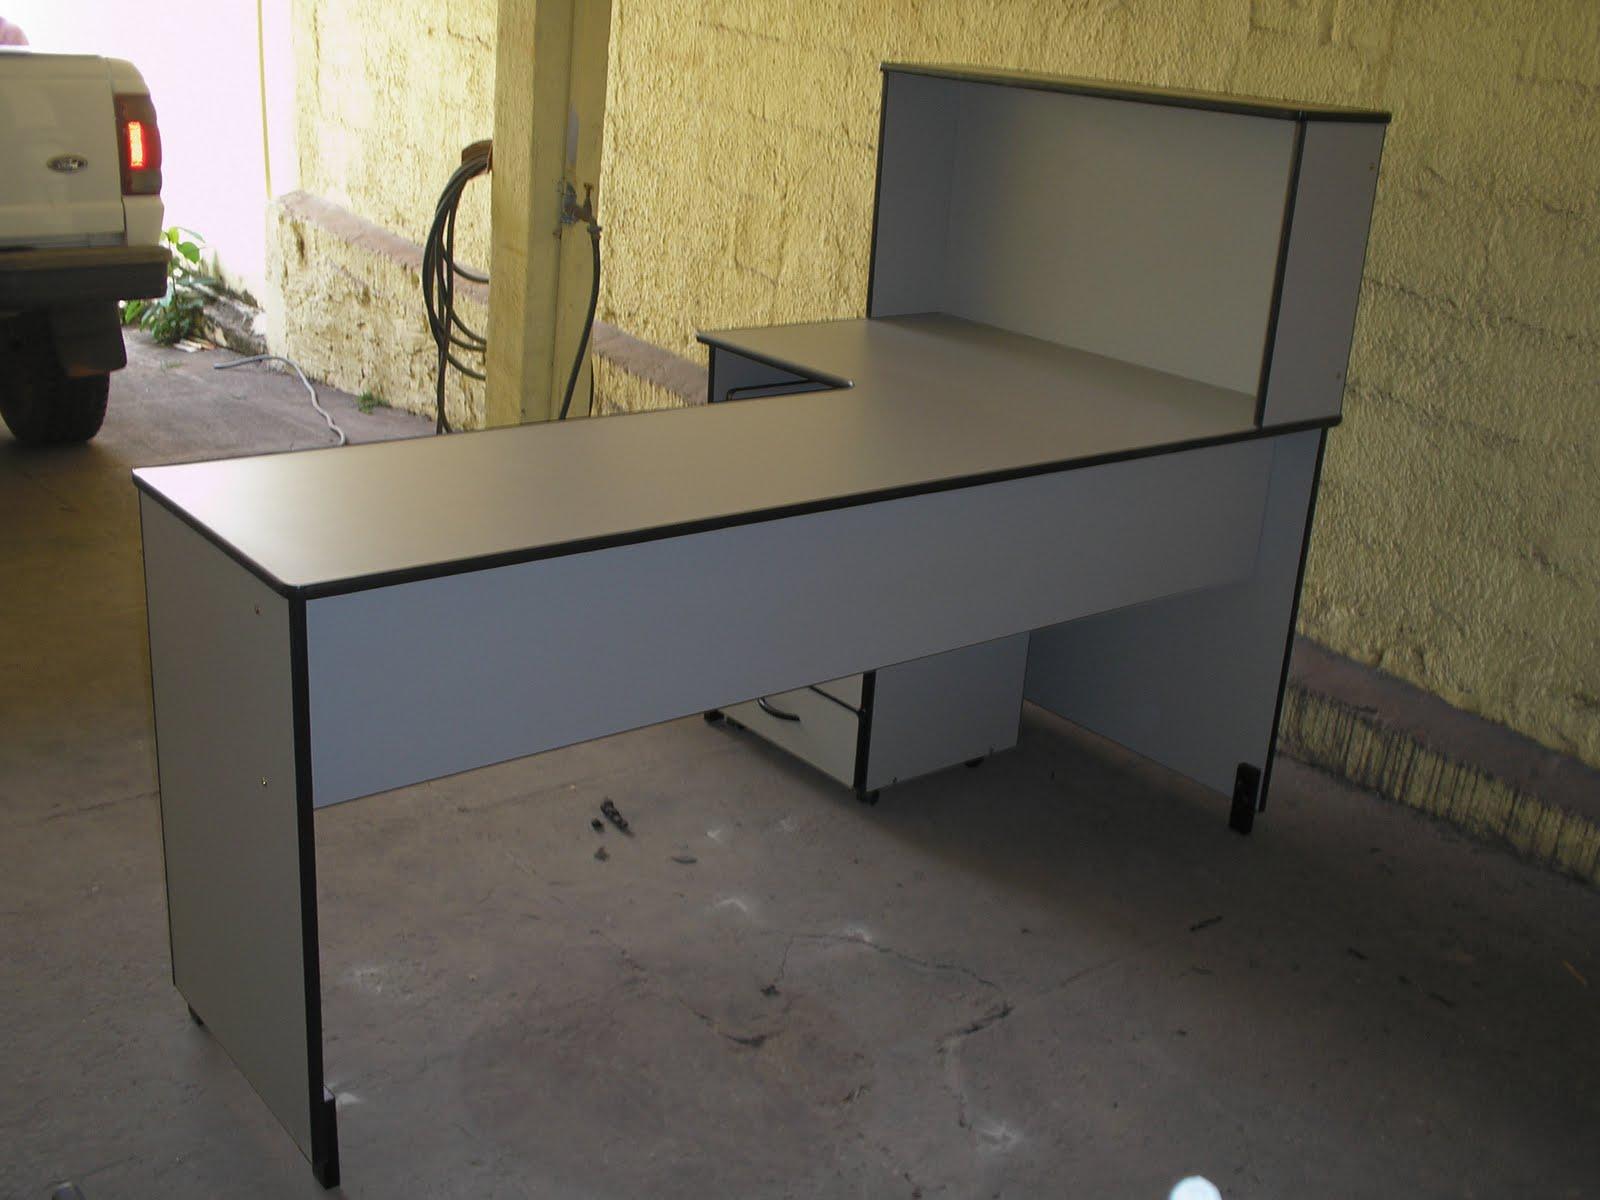 Maqpel m veis para escrit rio mesas painel sob medida for Medidas mesa escritorio